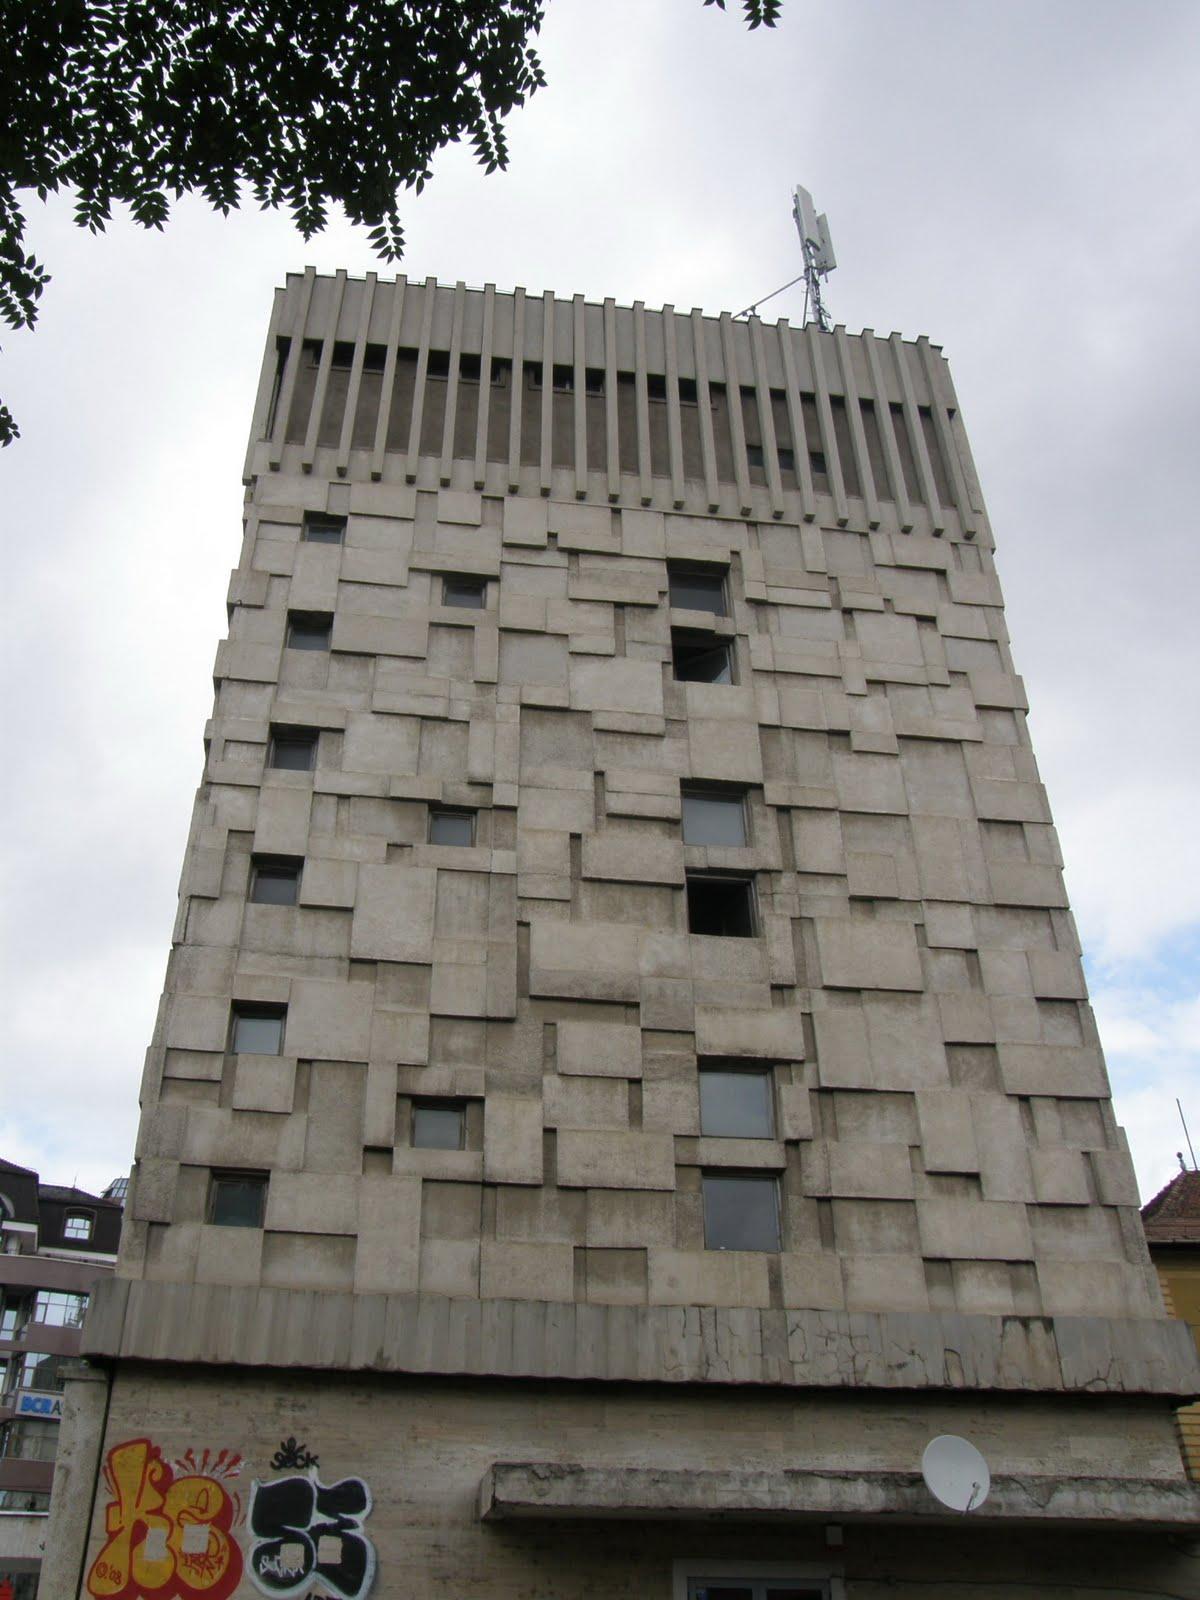 Brutalism ideiglenes 39 s blog for Architecture brutaliste